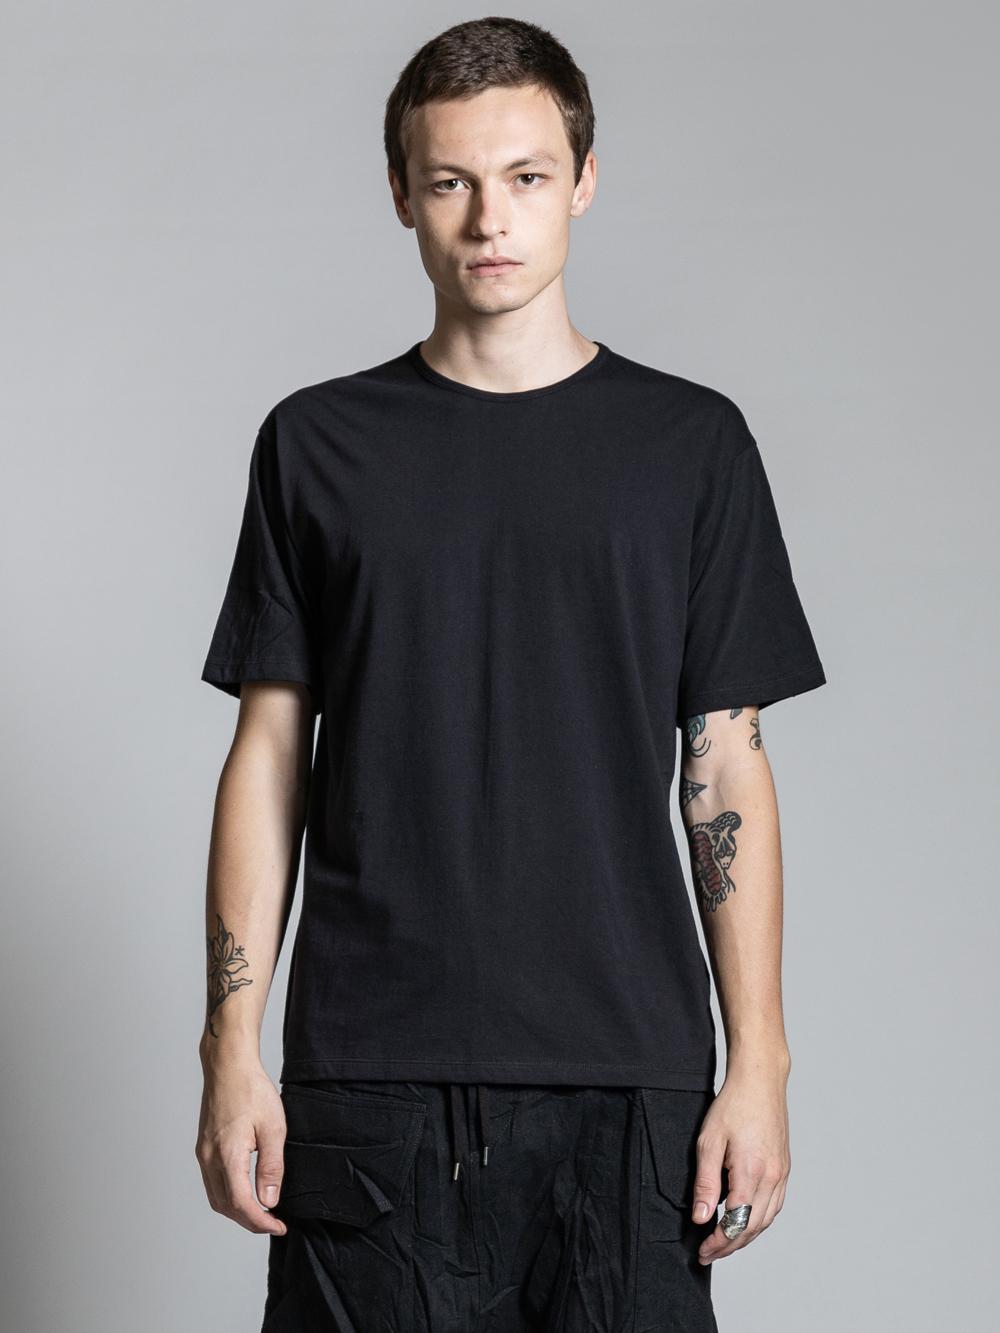 VI-ST-001-01 / 直営店限定 配色ステッチ 半袖Tシャツ